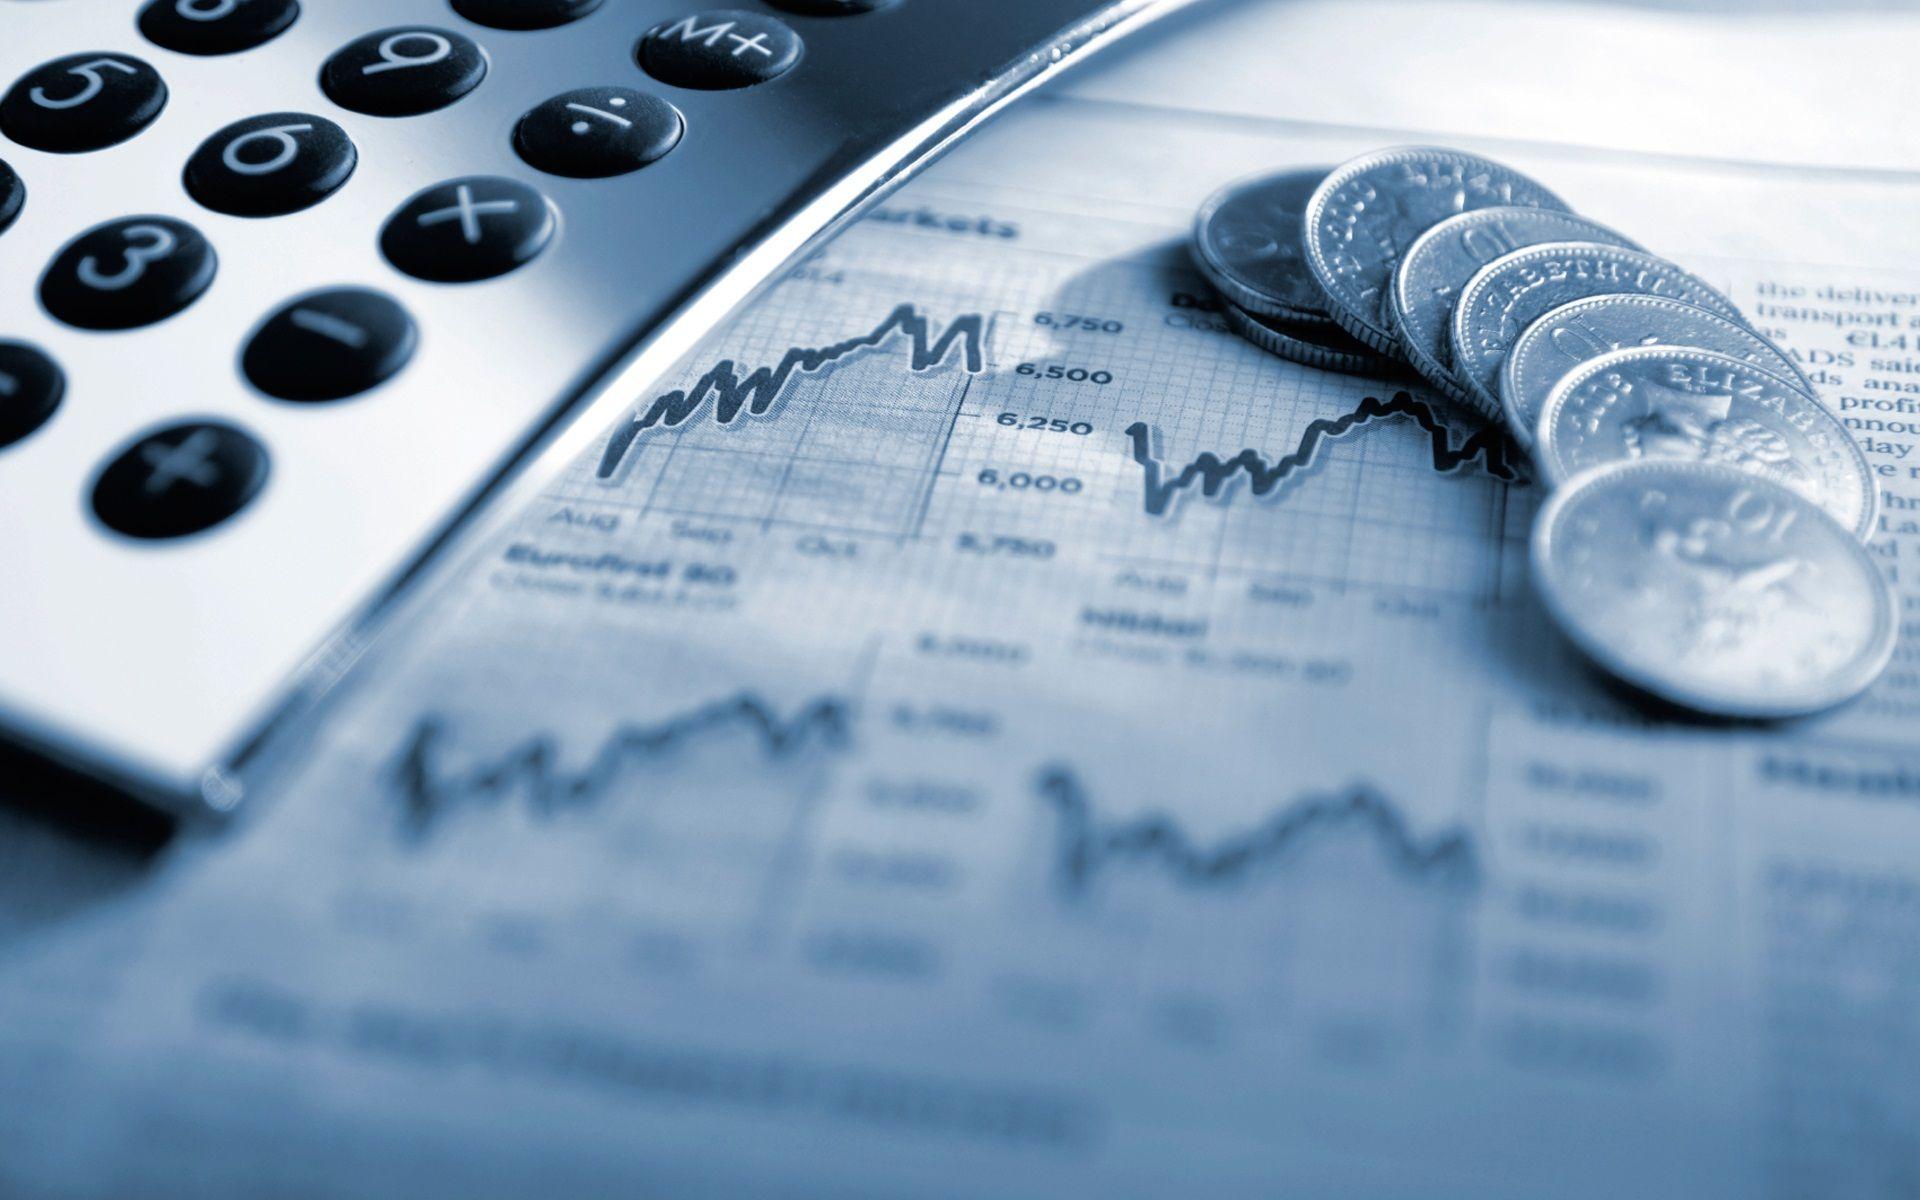 Definisi, Fungsi serta Tujuan Manajemen Keuangan Dalam Suatu Perusahaan